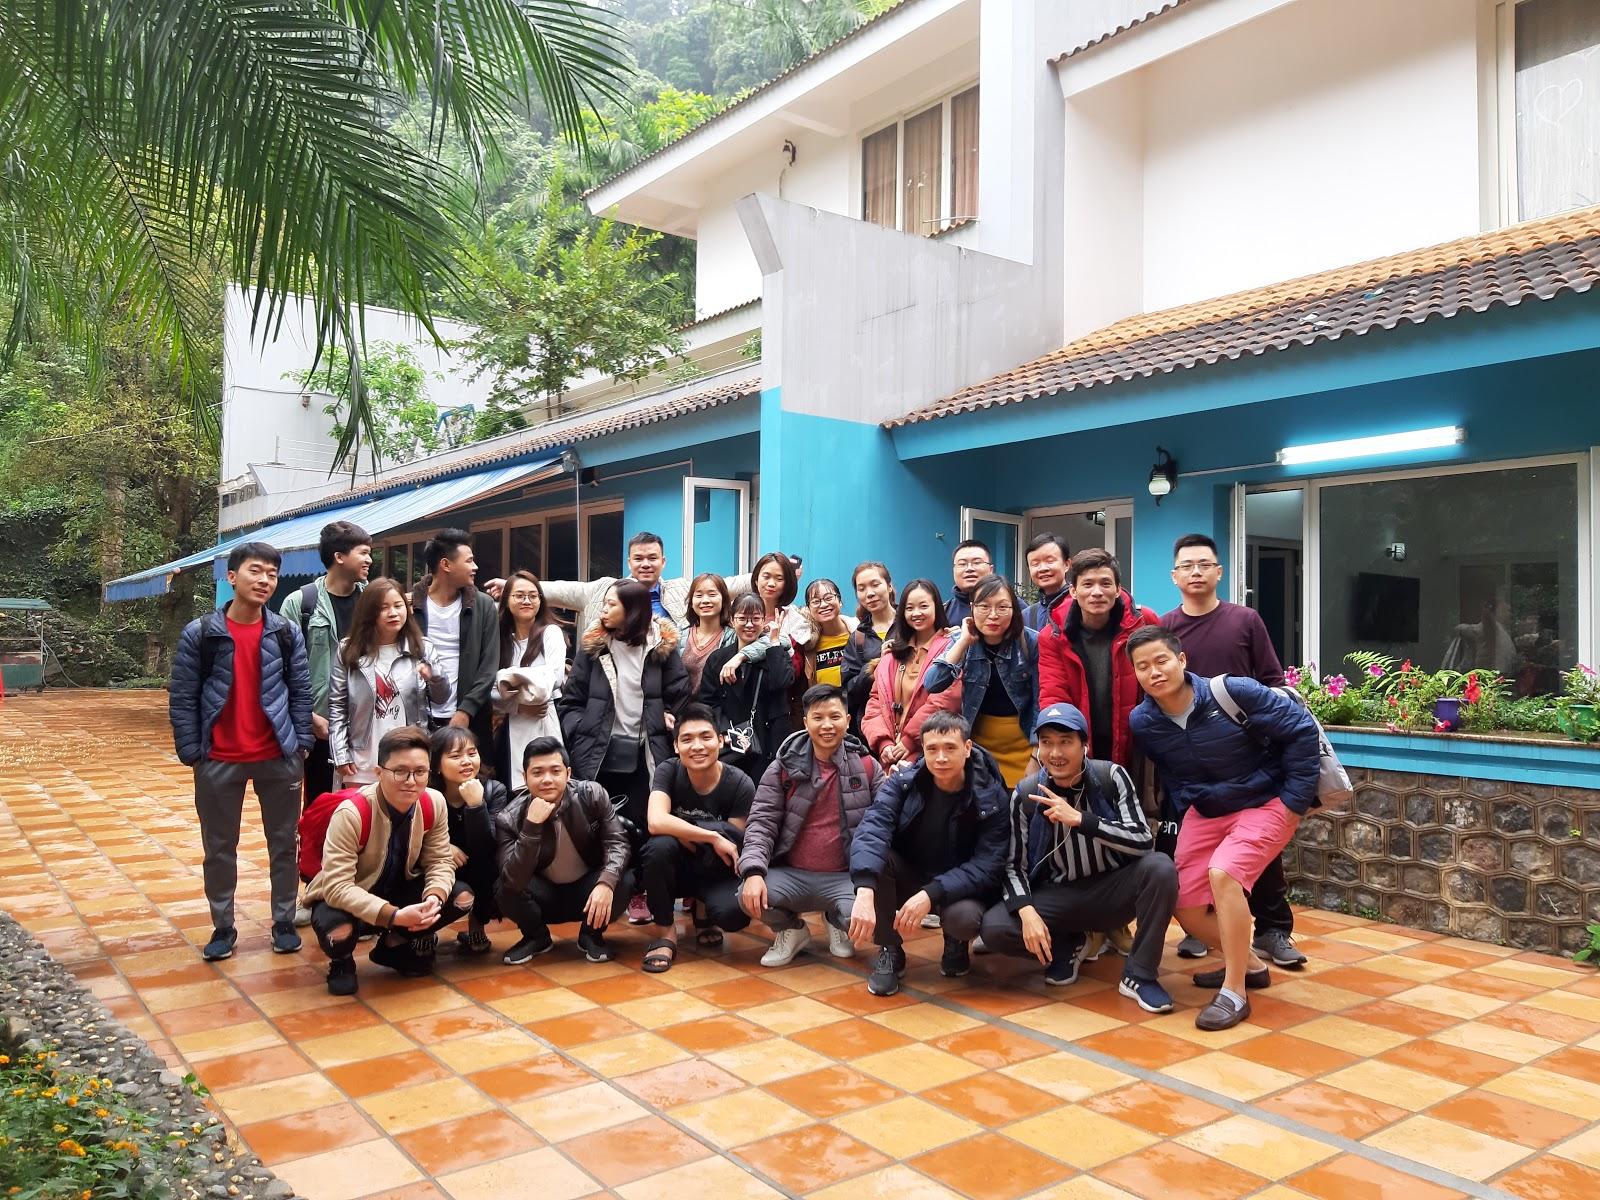 Cả gia đình chụp ảnh kỷ niệm - villa tại Thạch Thất, Hà Nội